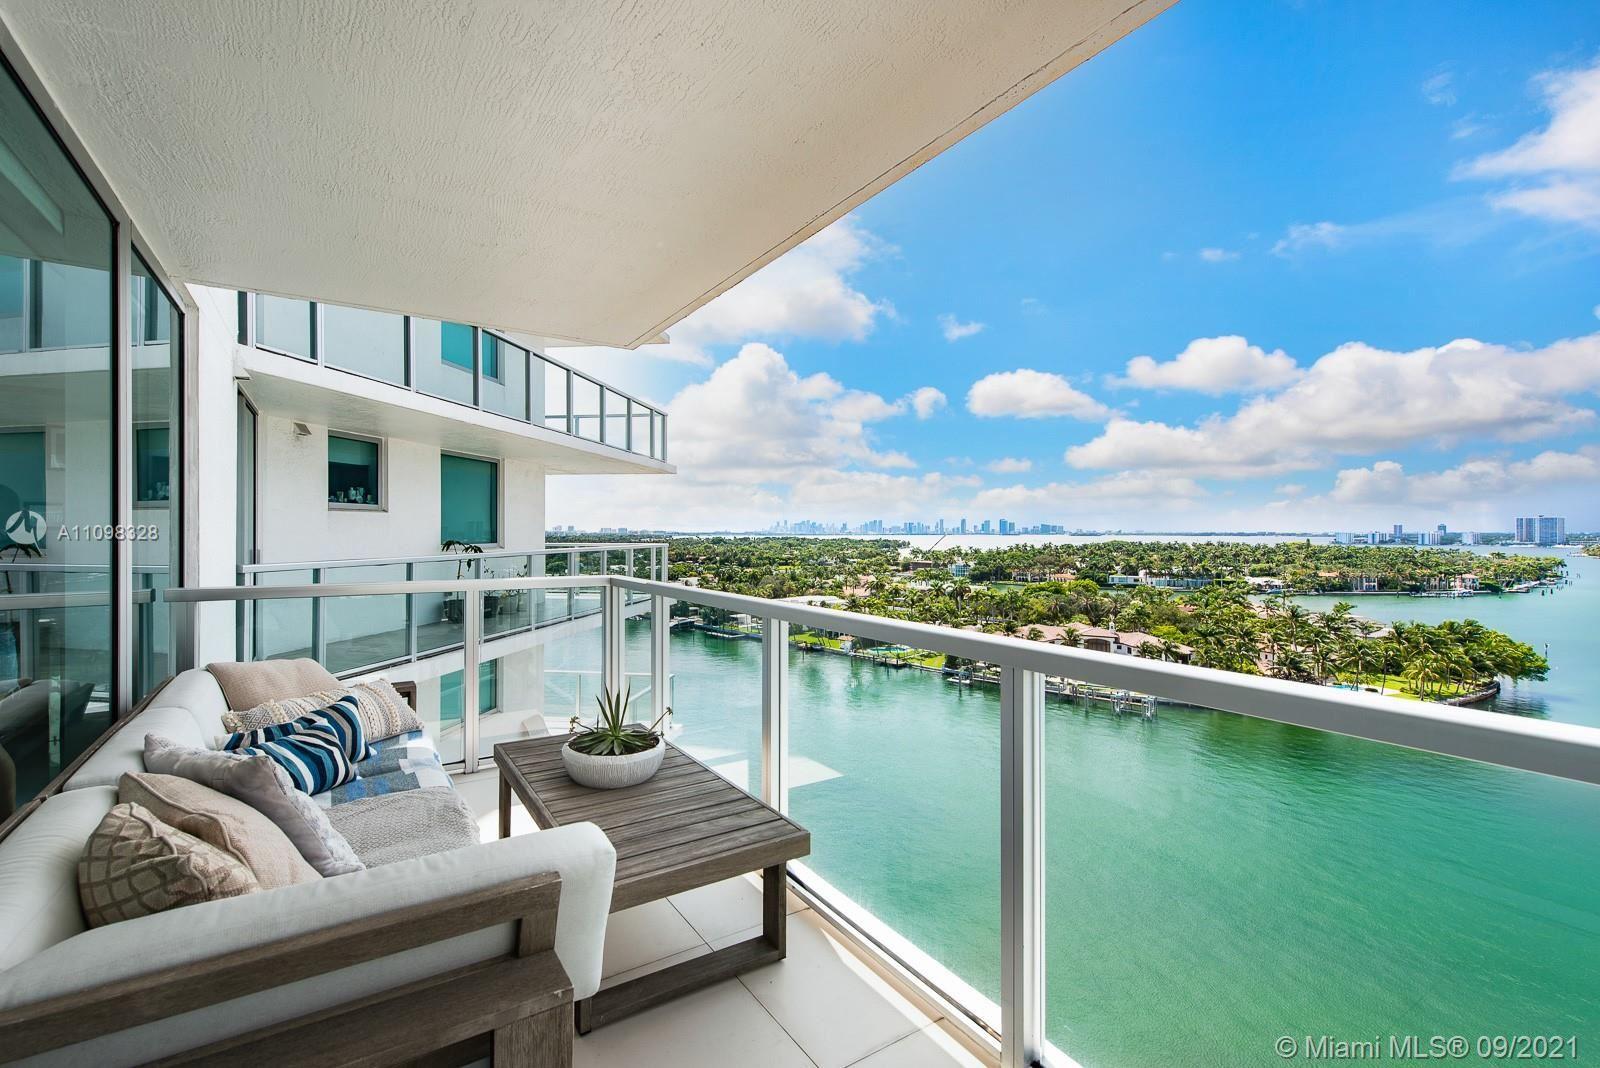 6700 Indian Creek Dr #1408, Miami Beach, FL 33141 - #: A11098328